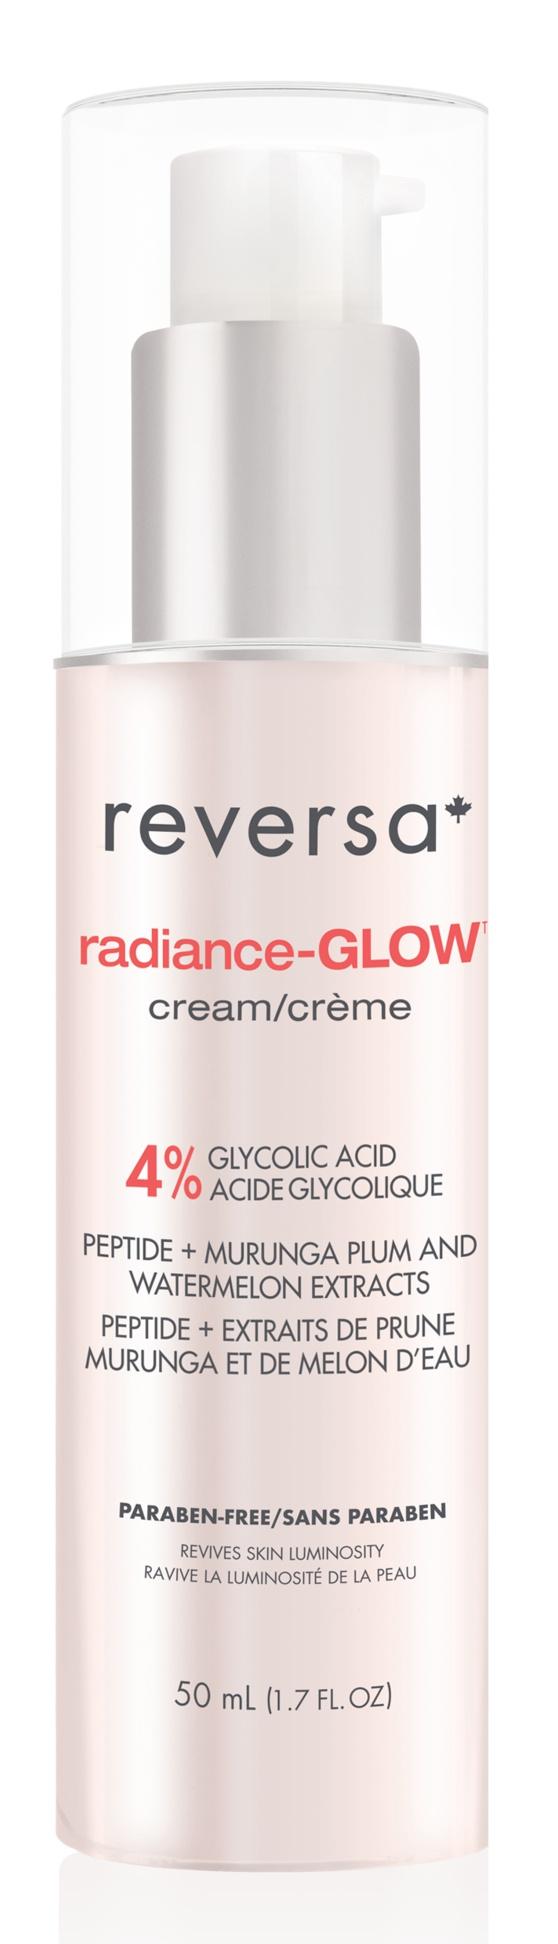 reversa Radiance-Glow